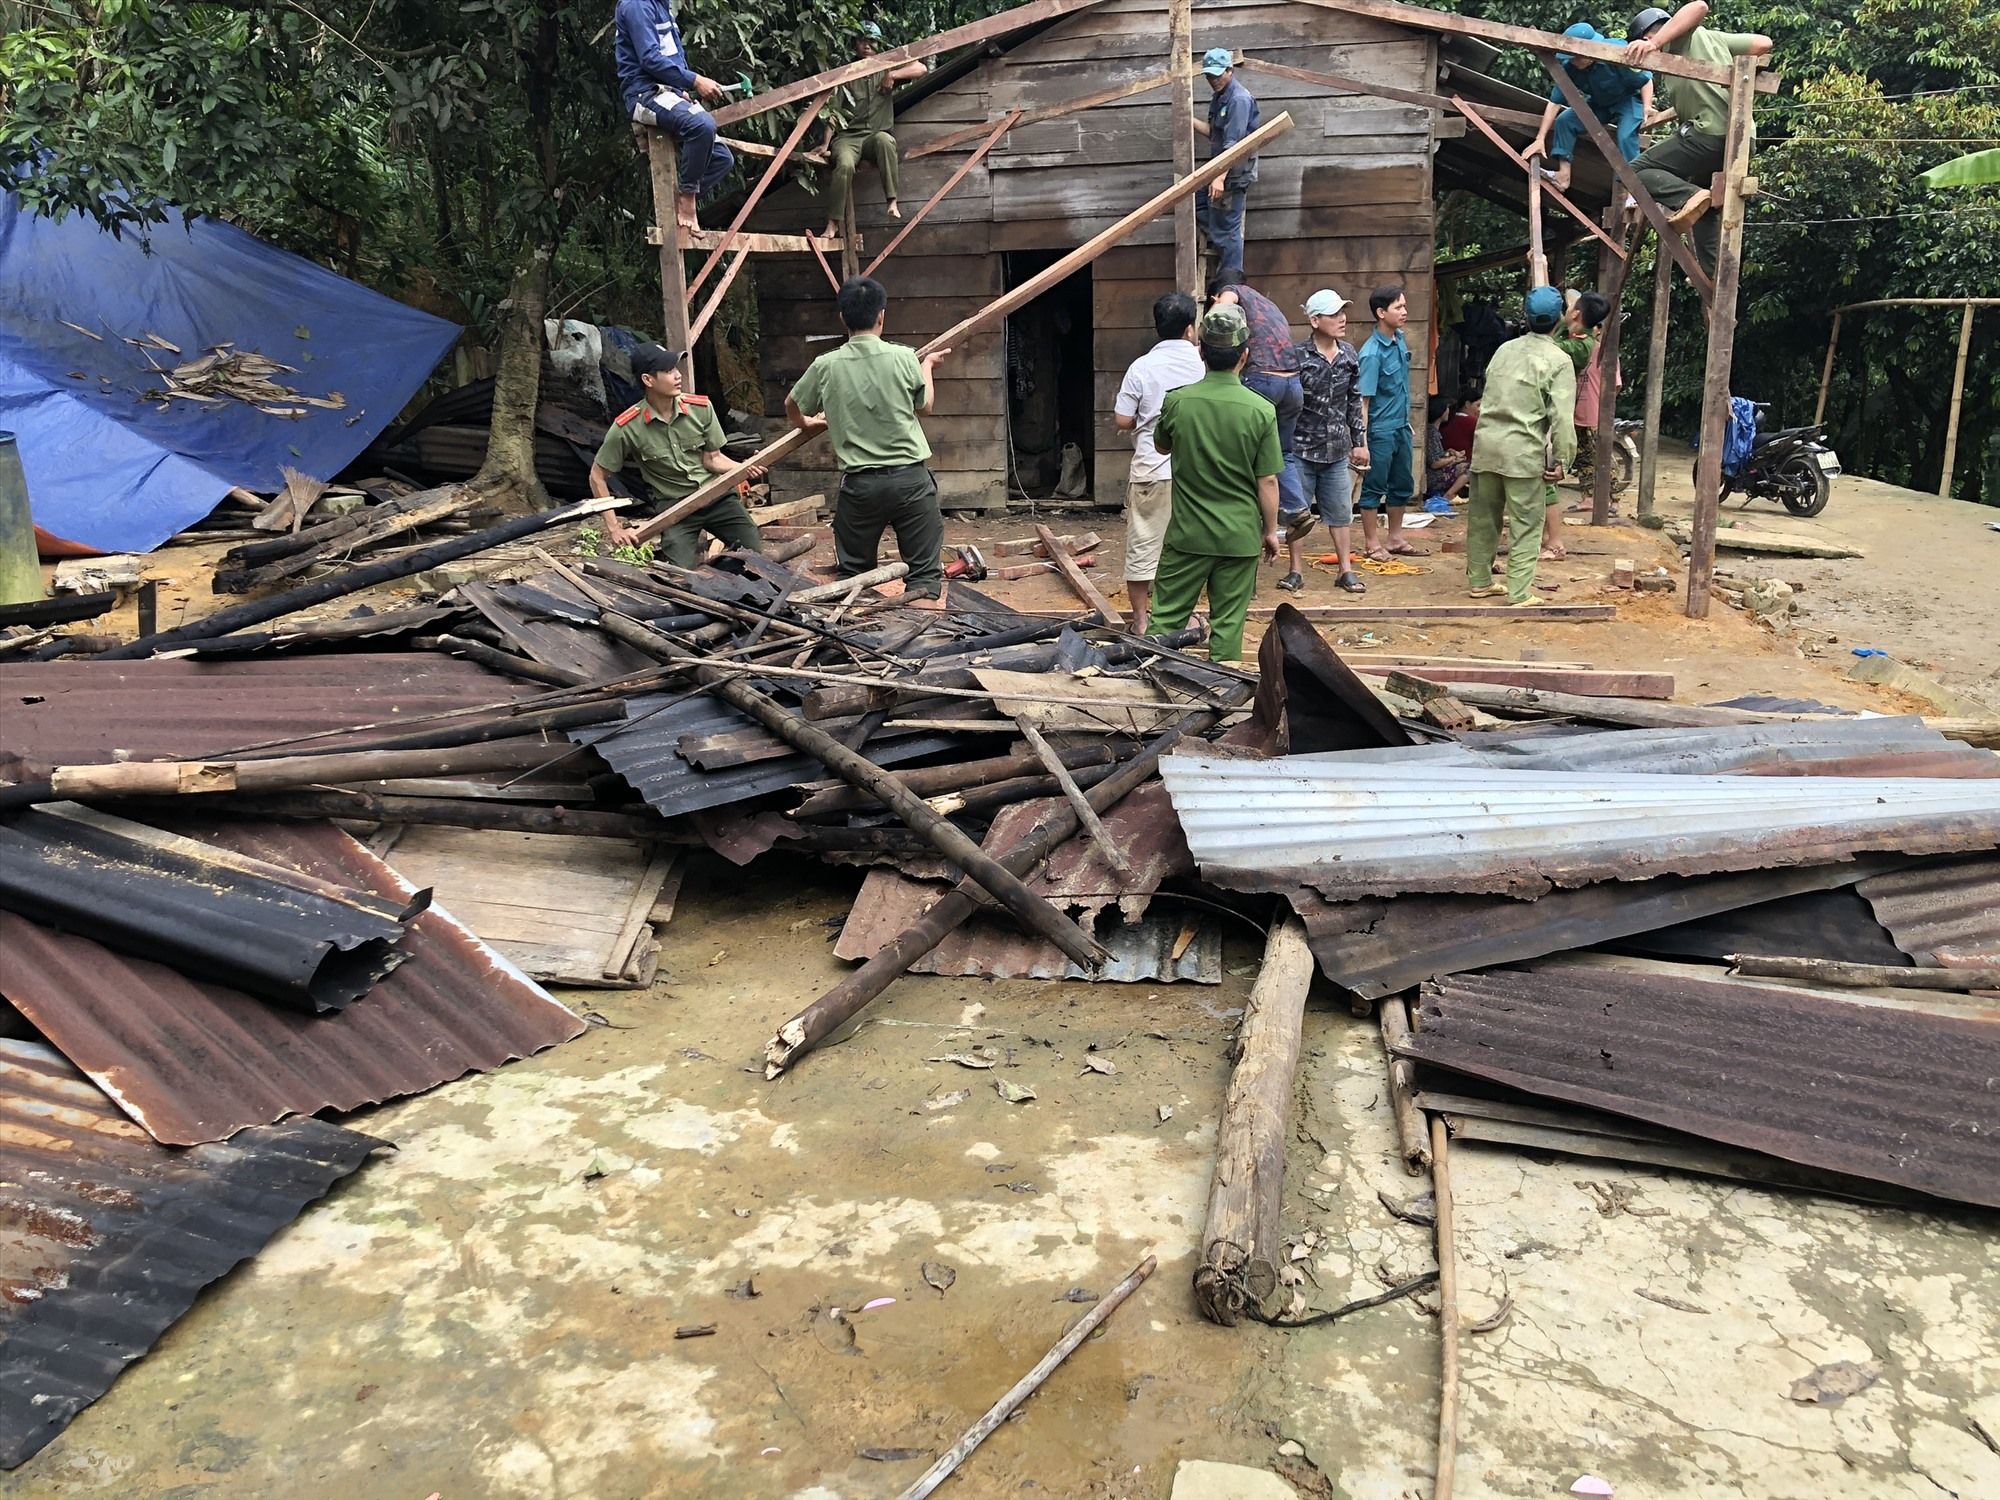 Cán bộ, chiến sĩ Công an cùng người dân dựng lại nhà cho một hộ dân ở xã Phước Đức (Phước Sơn). Ảnh: M.T